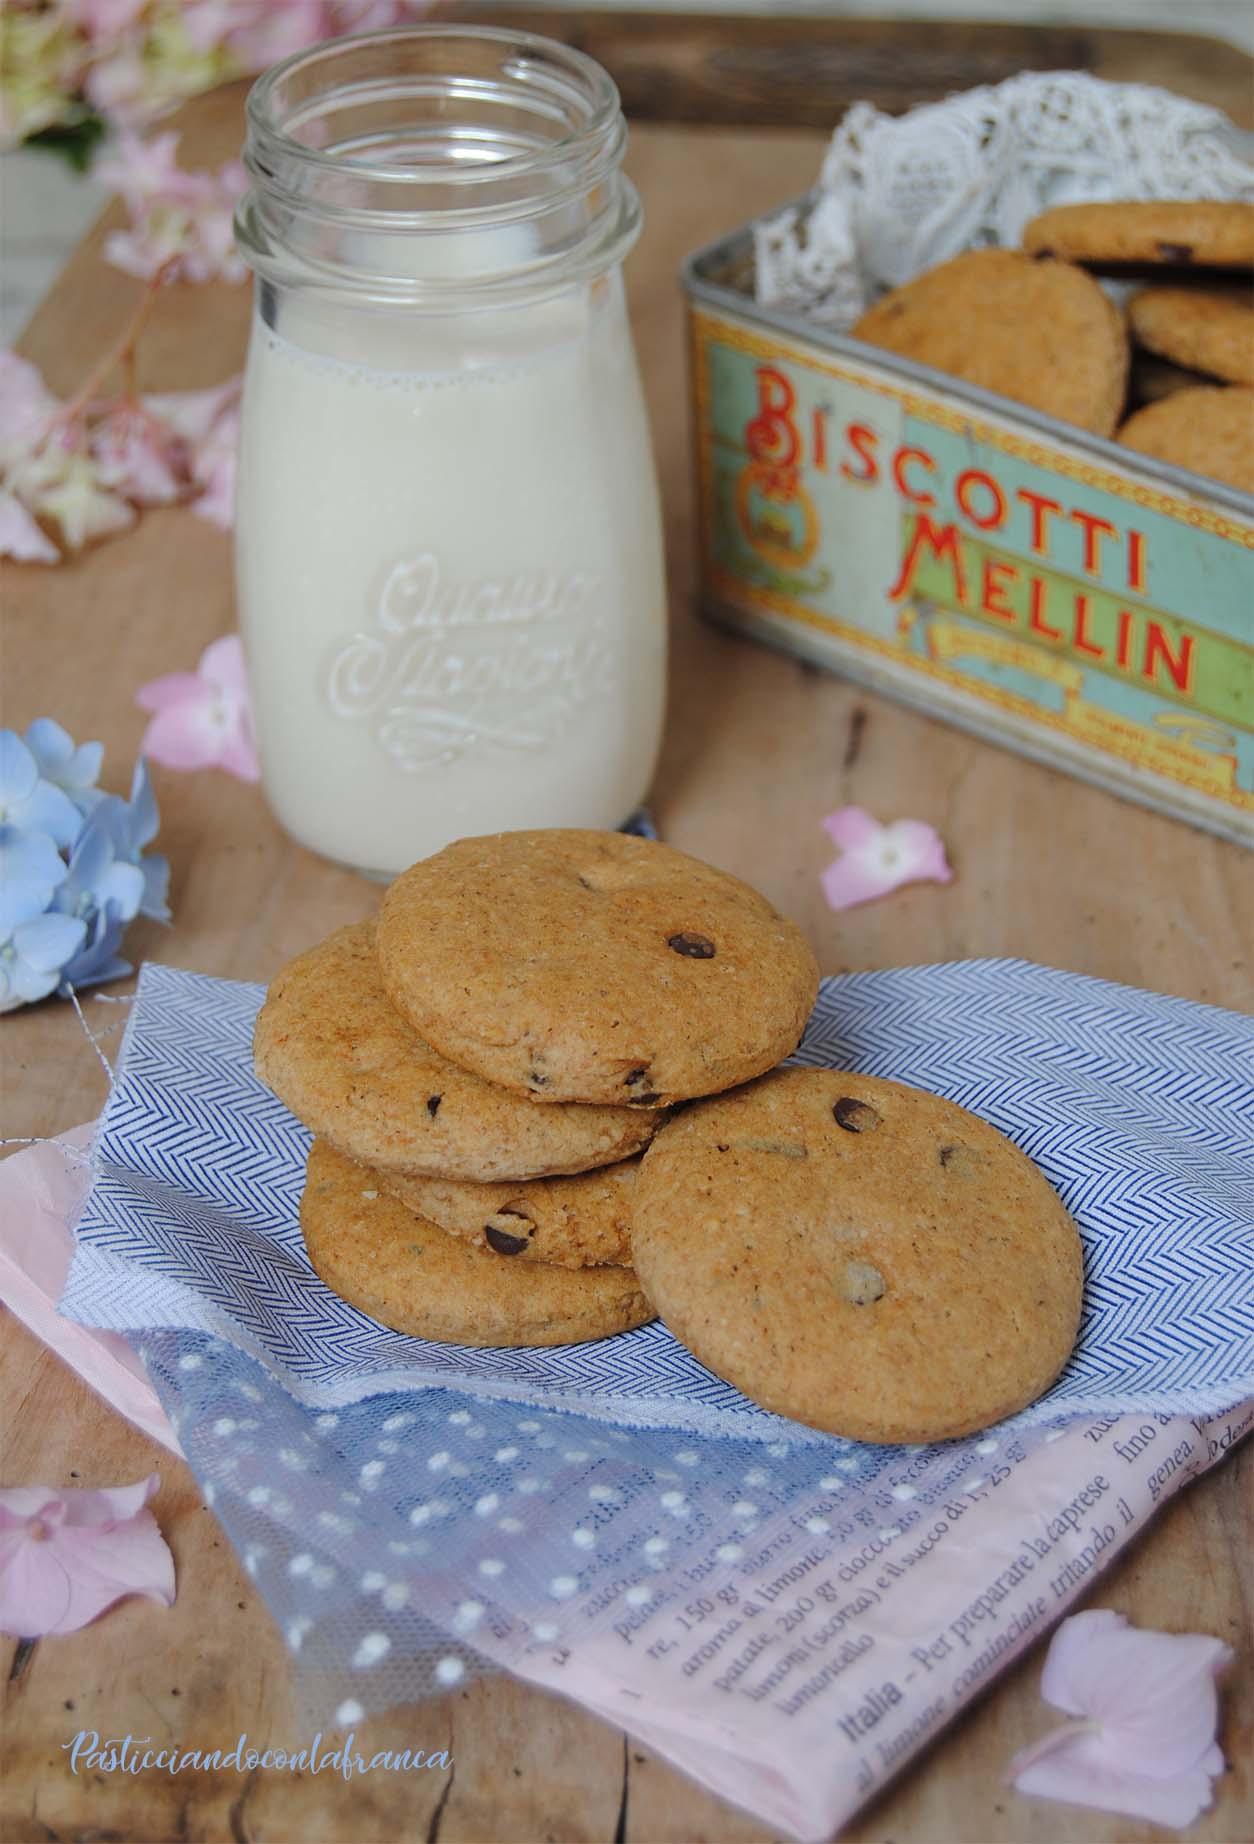 biscotti da inzuppo gluten free ricetta di pasticciandoconlafranca